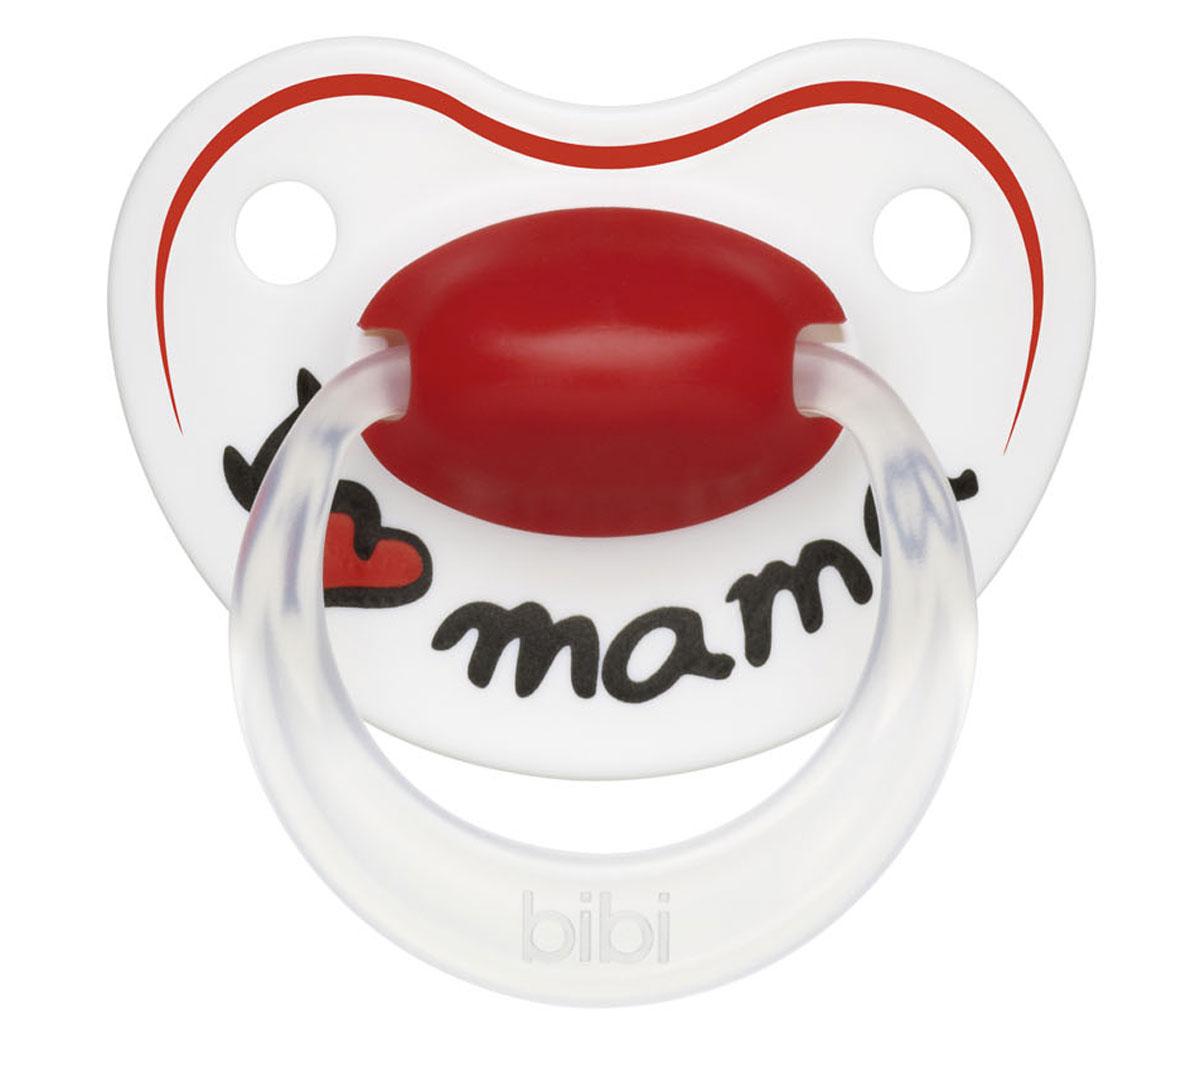 Bibi Пустышка силиконовая Premium Dental Happiness Mama от 0 до 6 месяцев